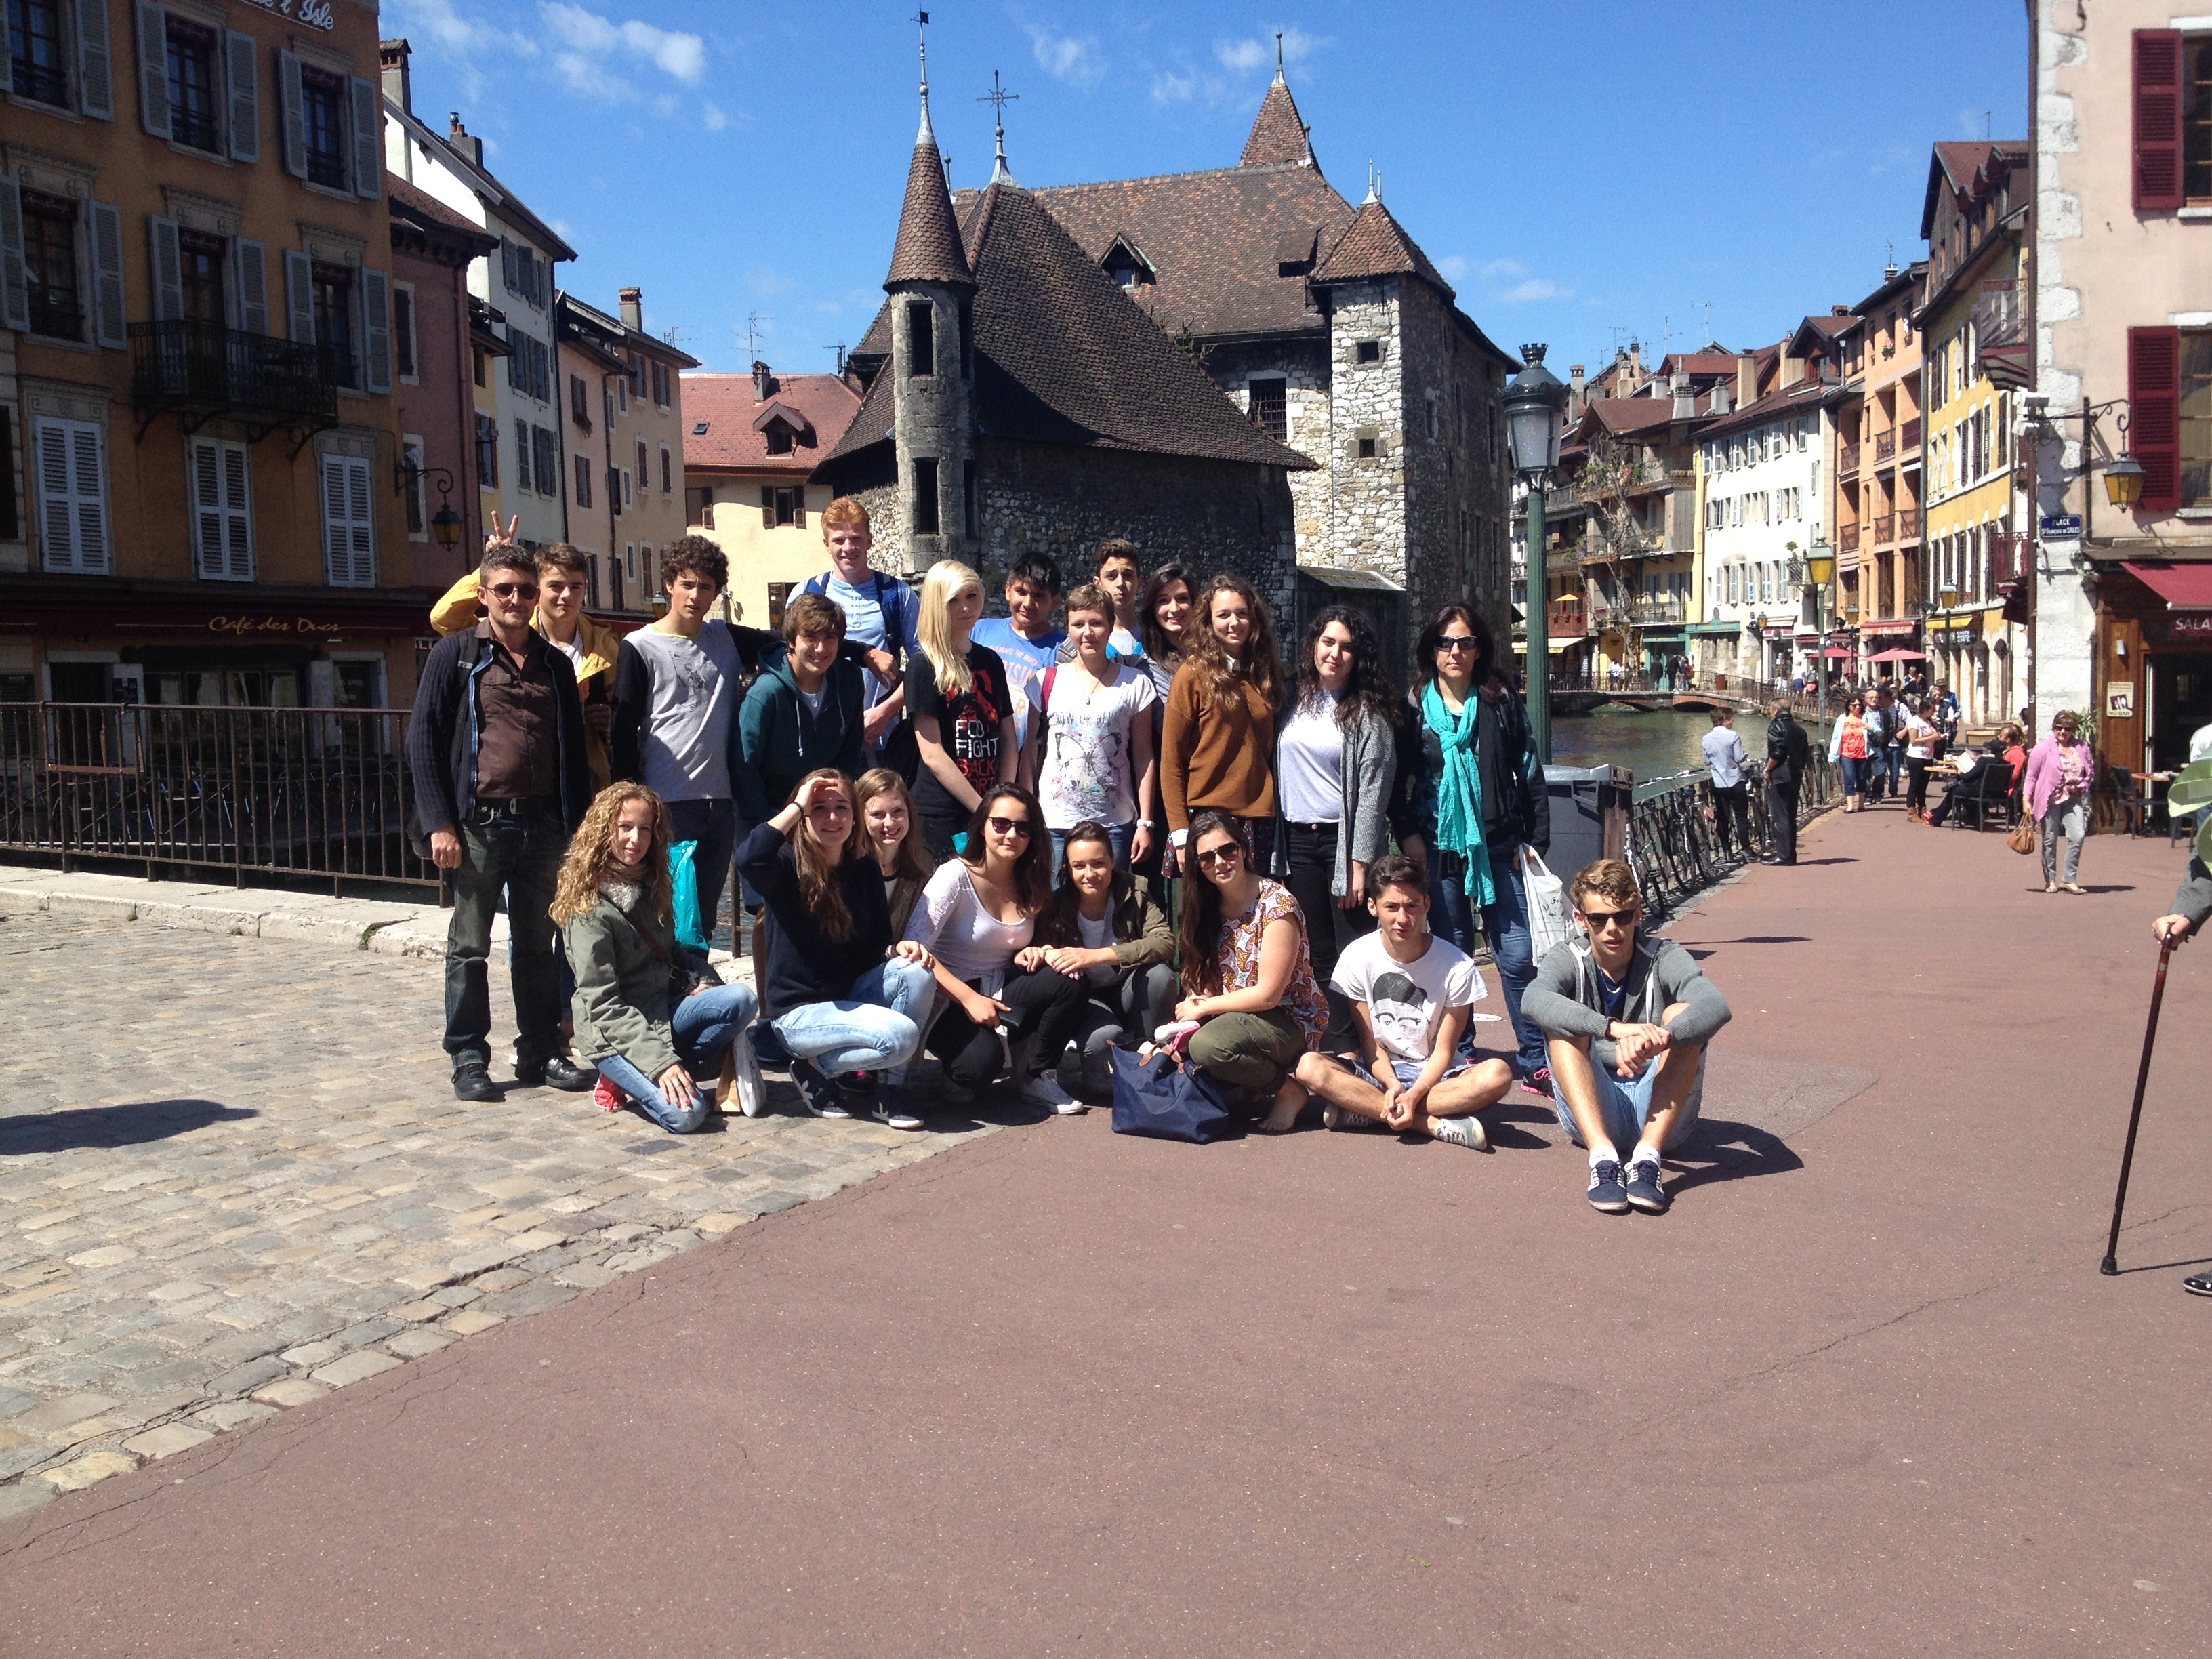 Nuestros alumnos con sus anfitriones franceses